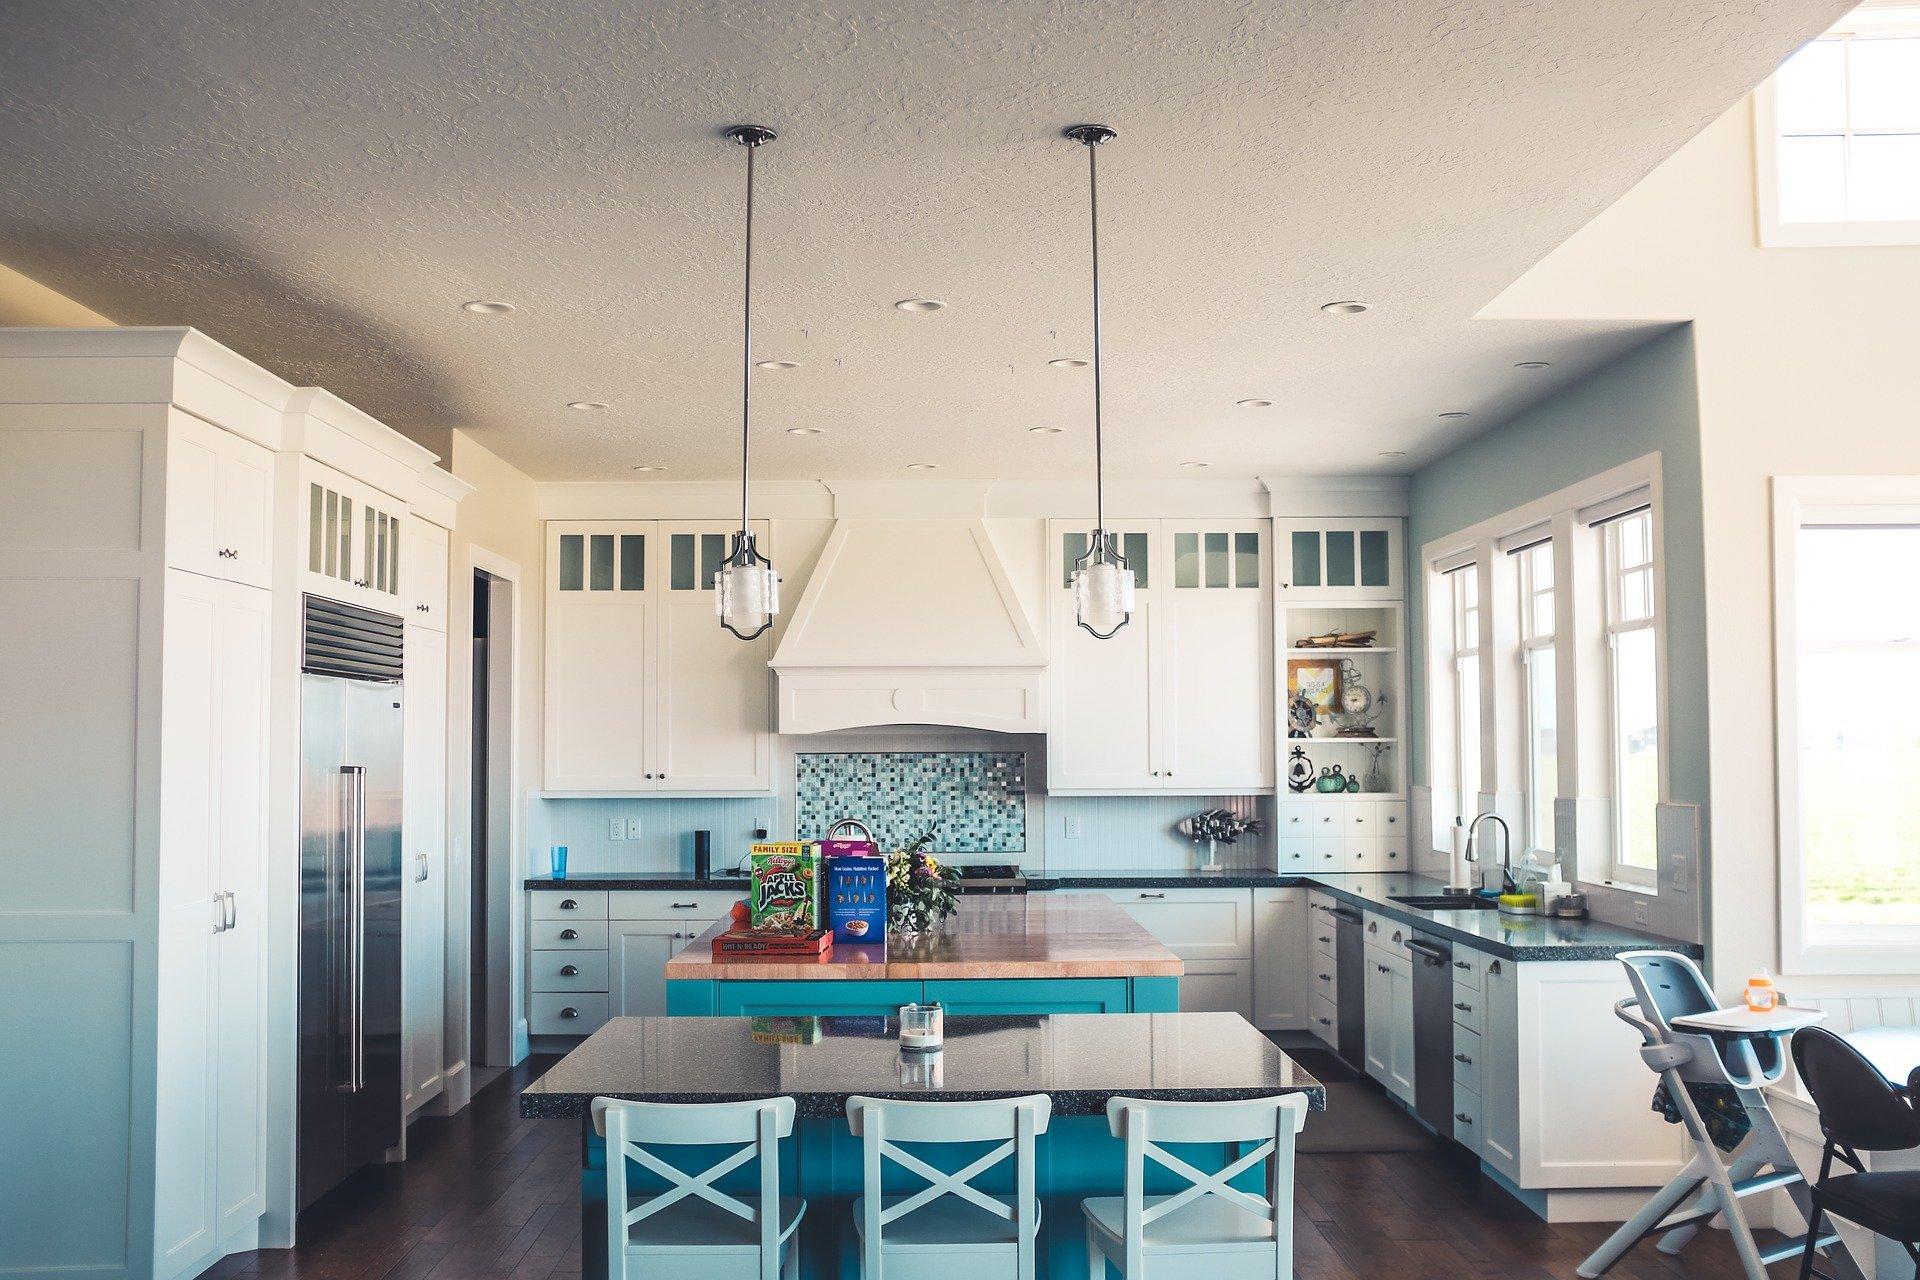 Beim Neubau eines Hauses sollten Bauherren sorgfältig die Küche planen.